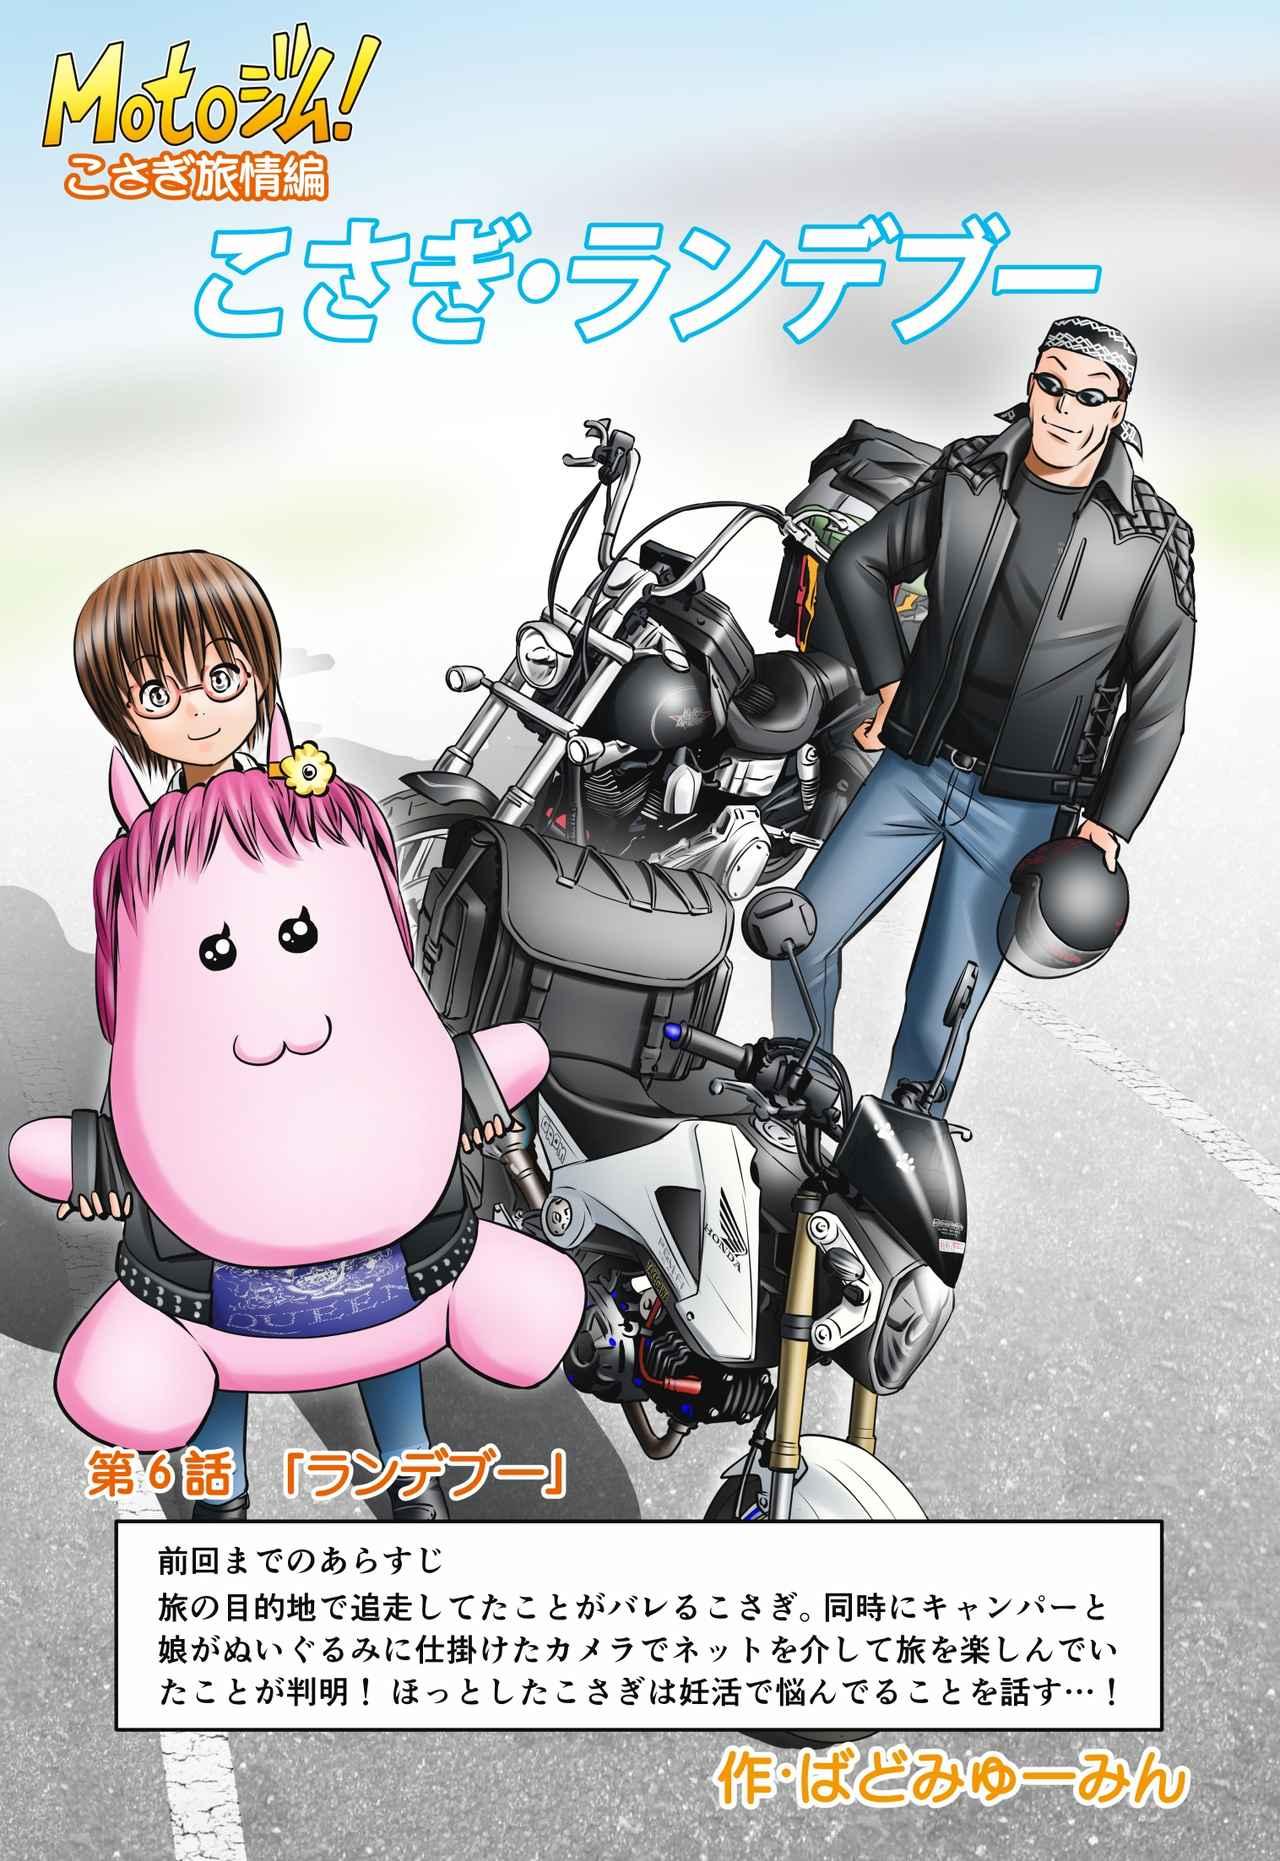 画像1: 最新5巻は3月9日に発売決定!【連載】Motoジム! こさぎ旅情編『こさぎ・ランデブー』最終回 ランデブー(作:ばどみゅーみん)